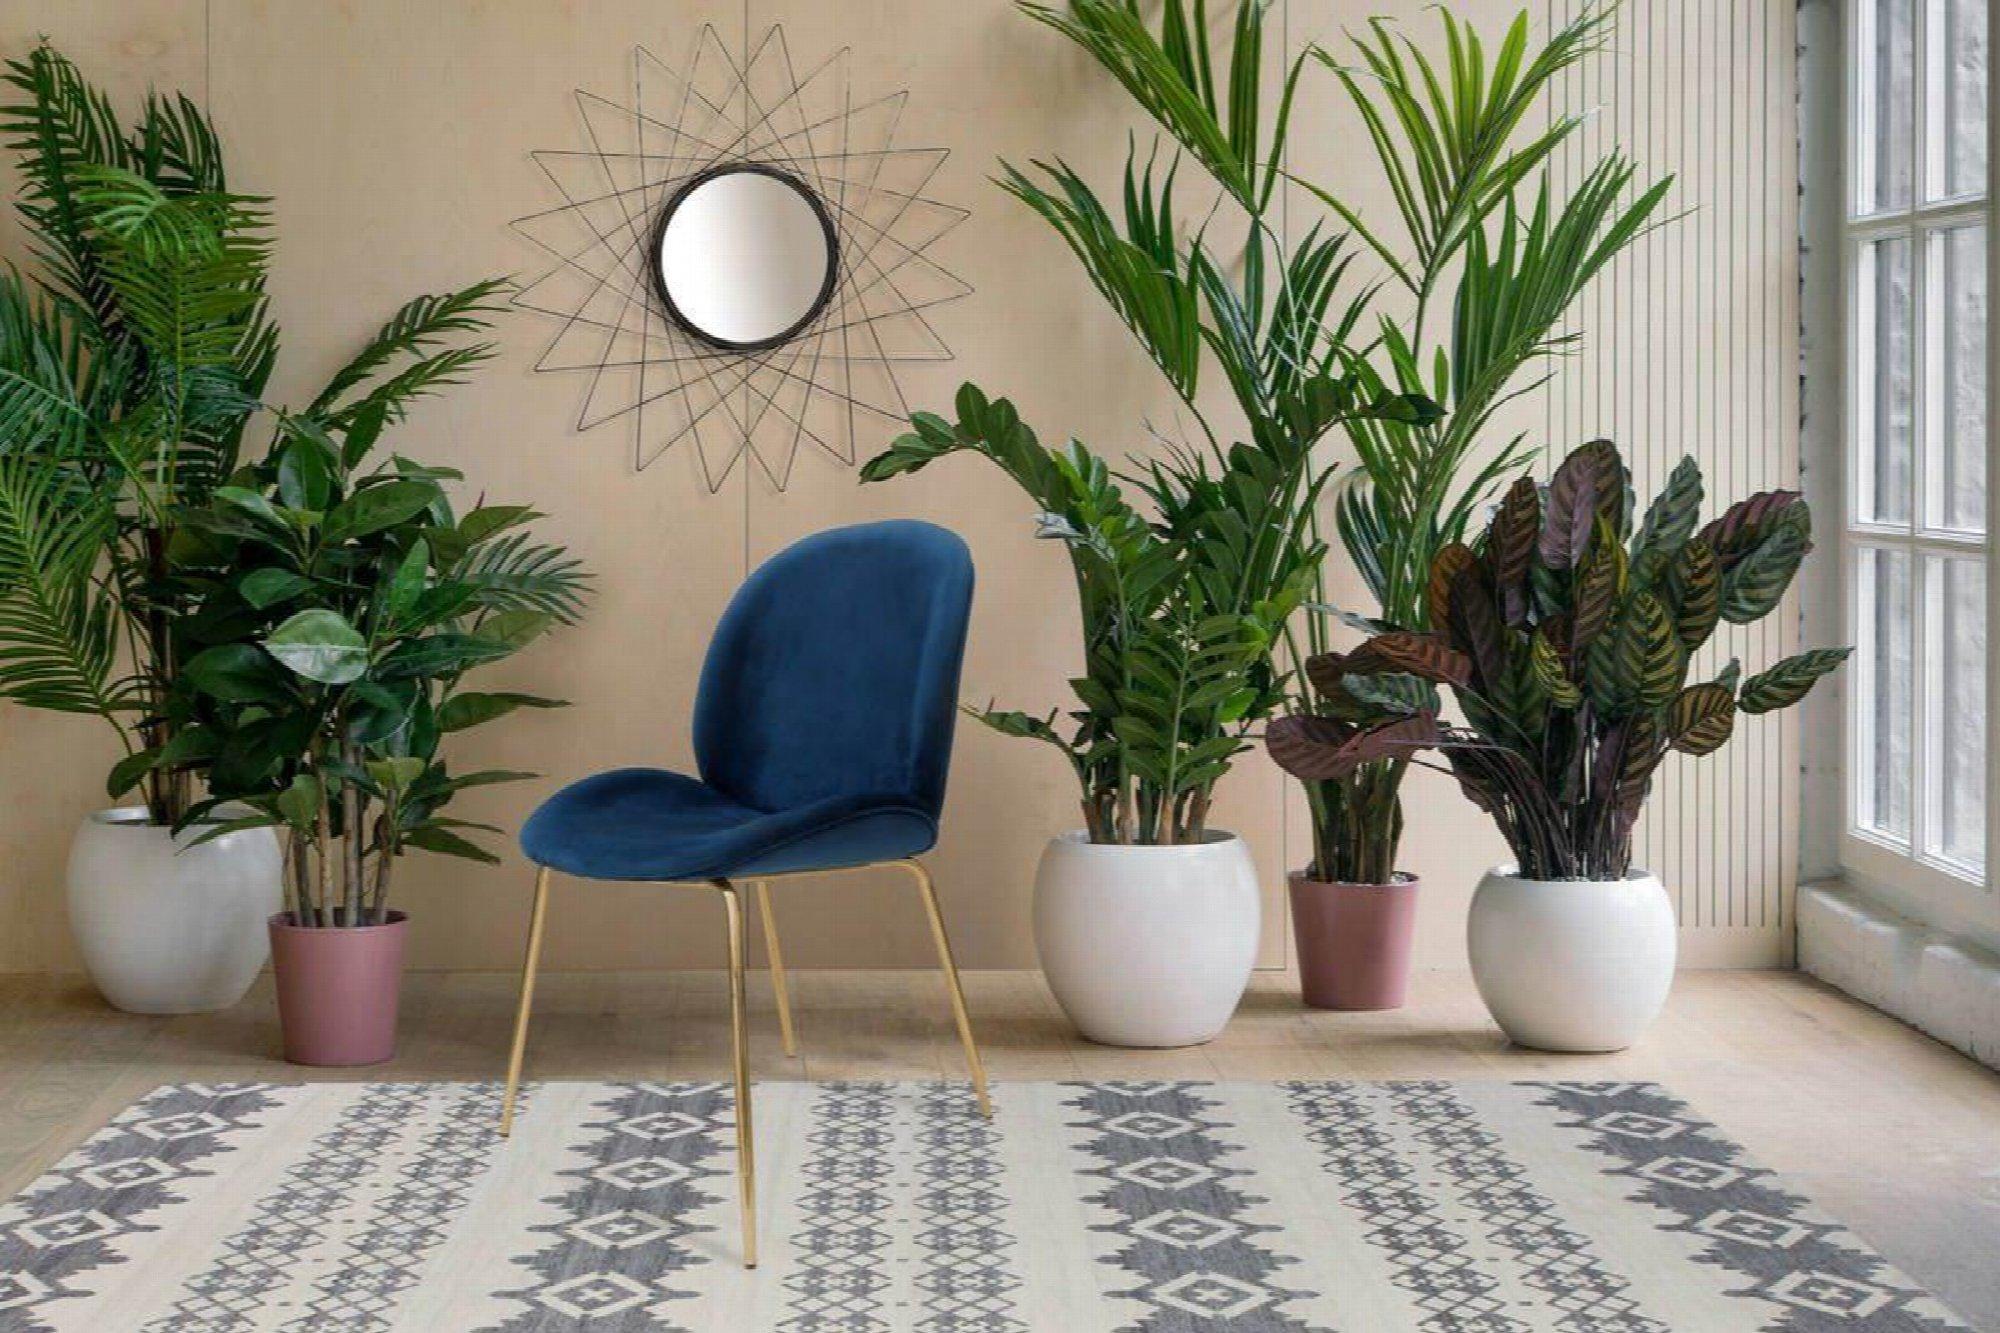 Chaise rembourrée assise bleu pétrole pieds doré (lot de 2)